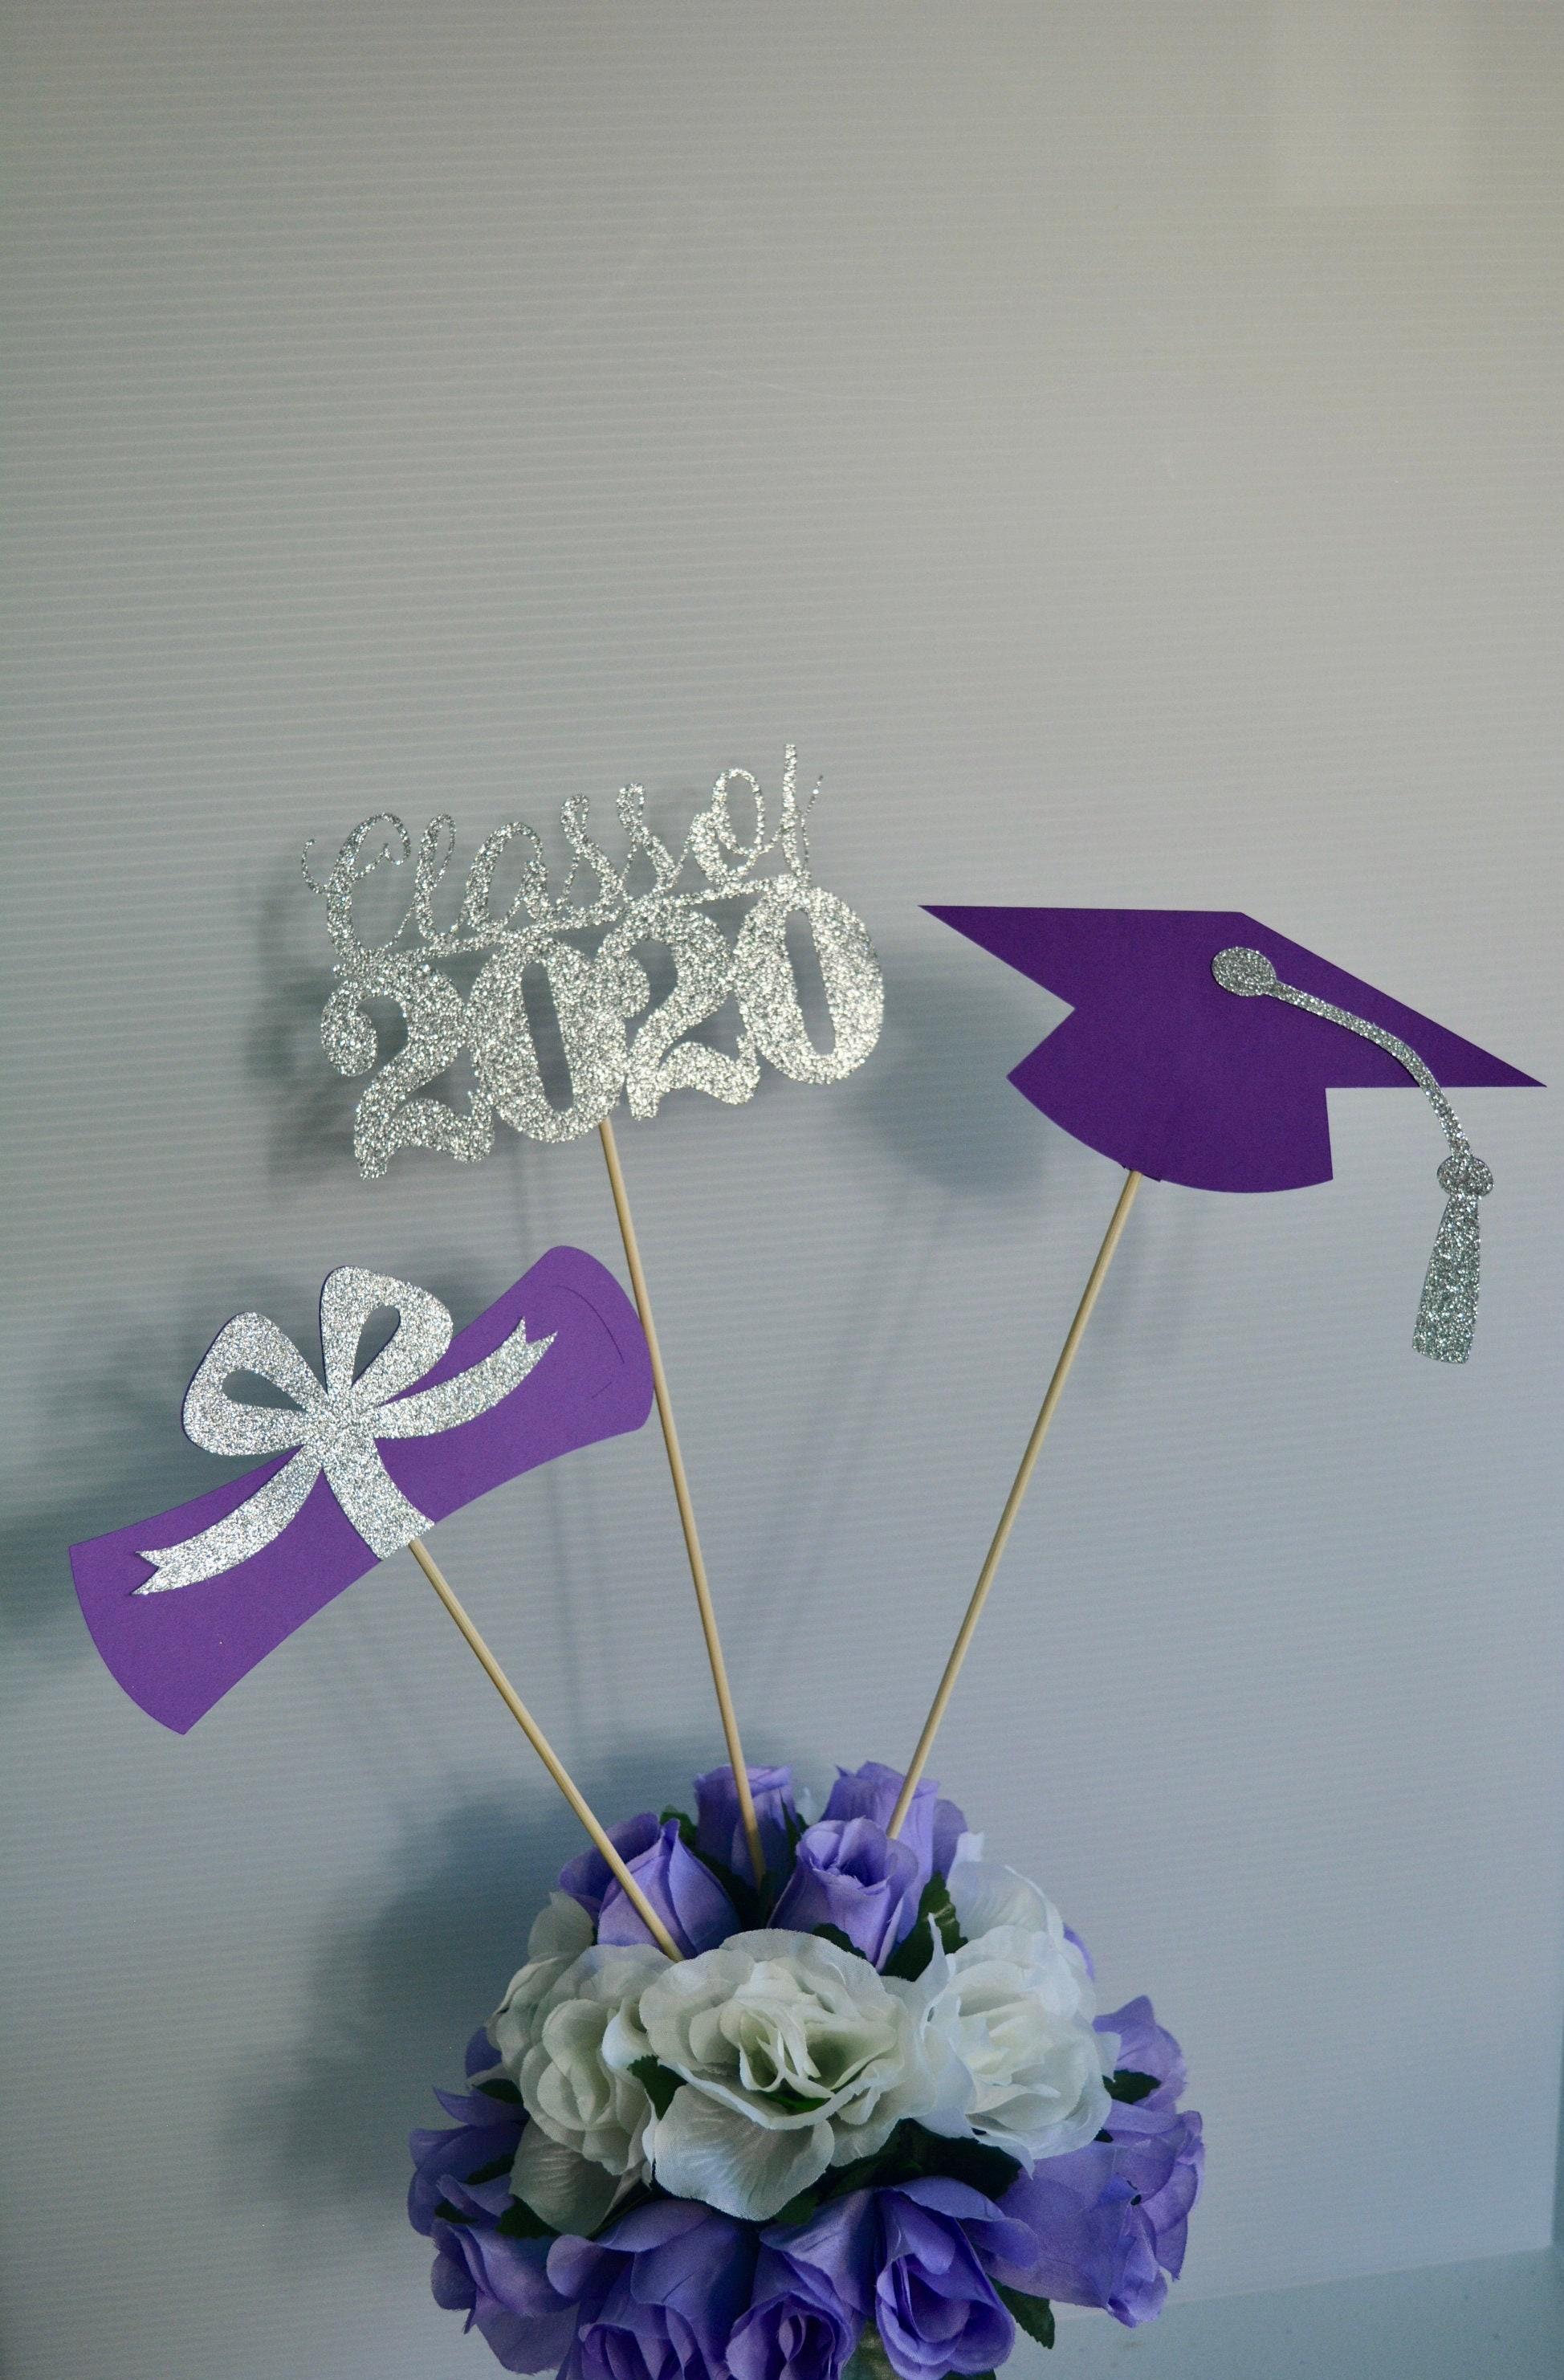 Graduation Centerpieces 2020.Graduation Party Decorations 2020 Graduation Centerpieces